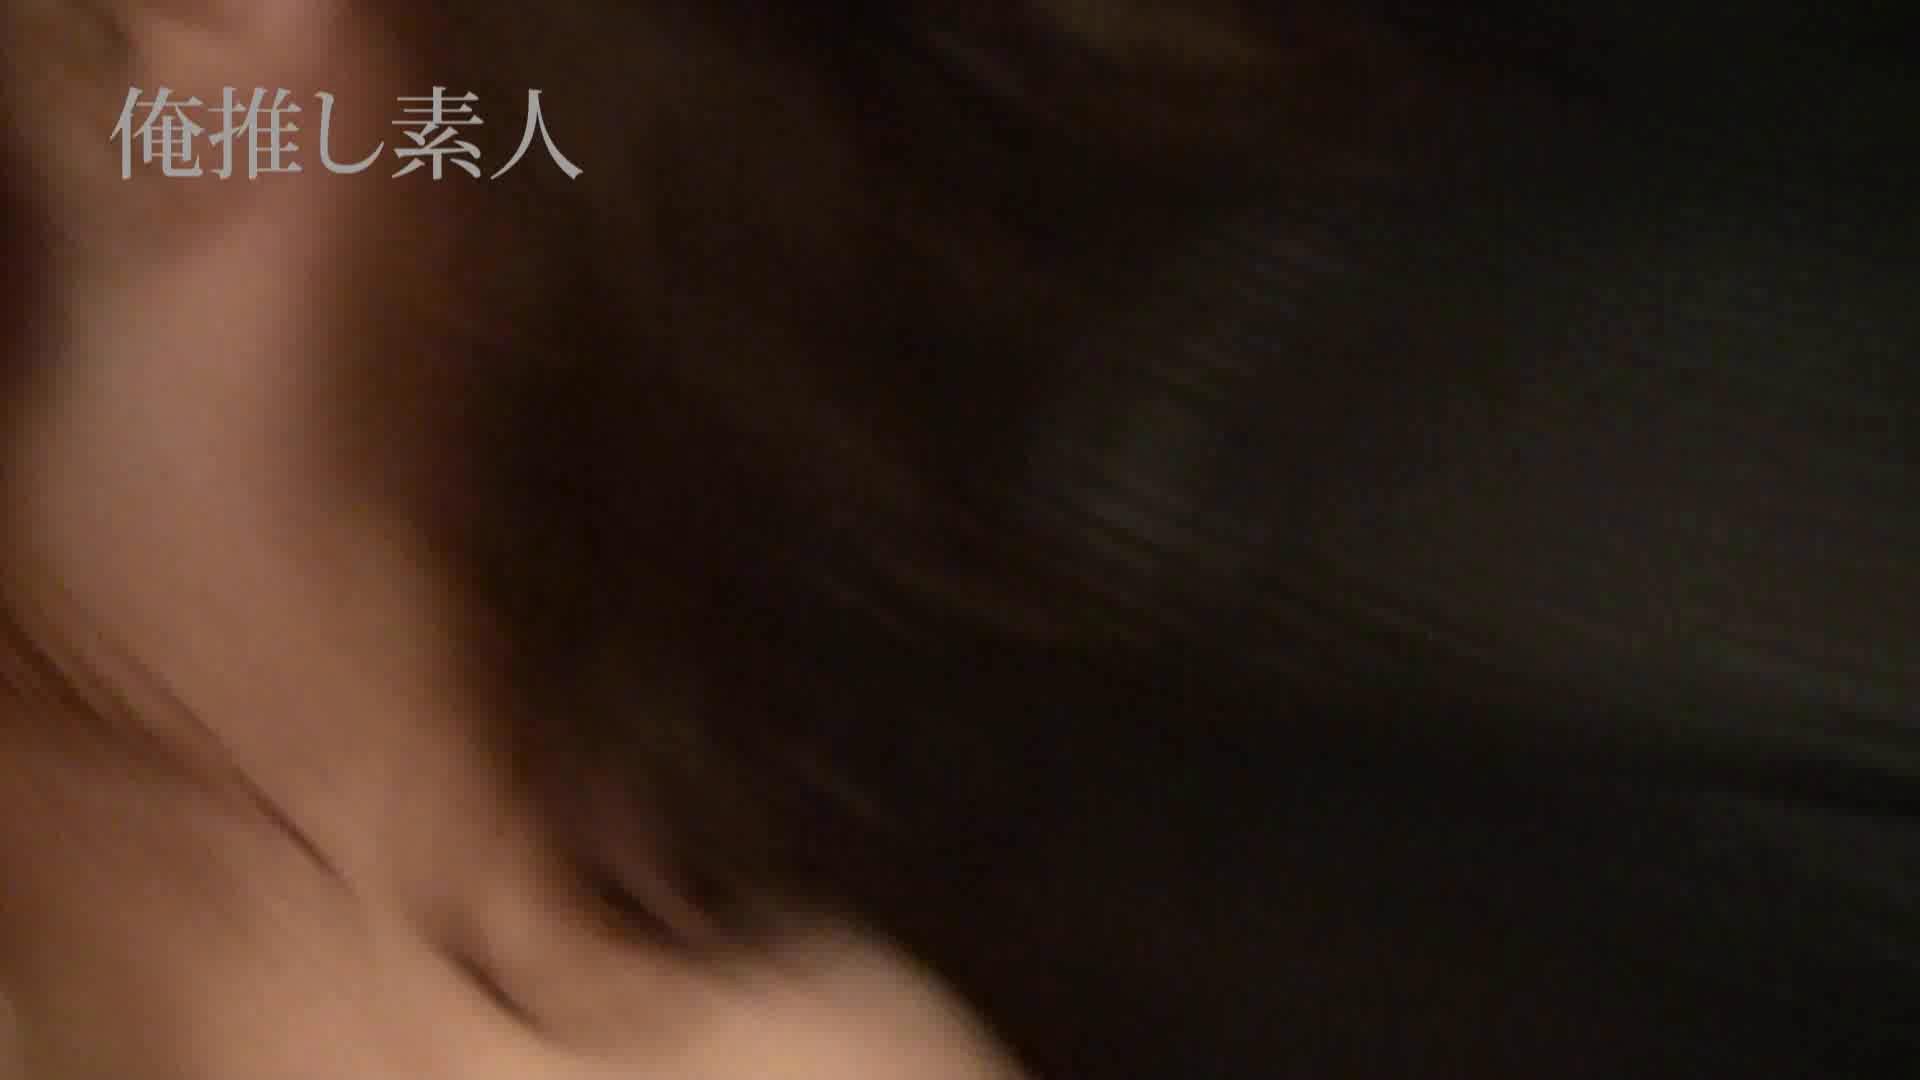 俺推し素人 キャバクラ嬢26歳久美vol4 フェラ AV動画キャプチャ 67PIX 59